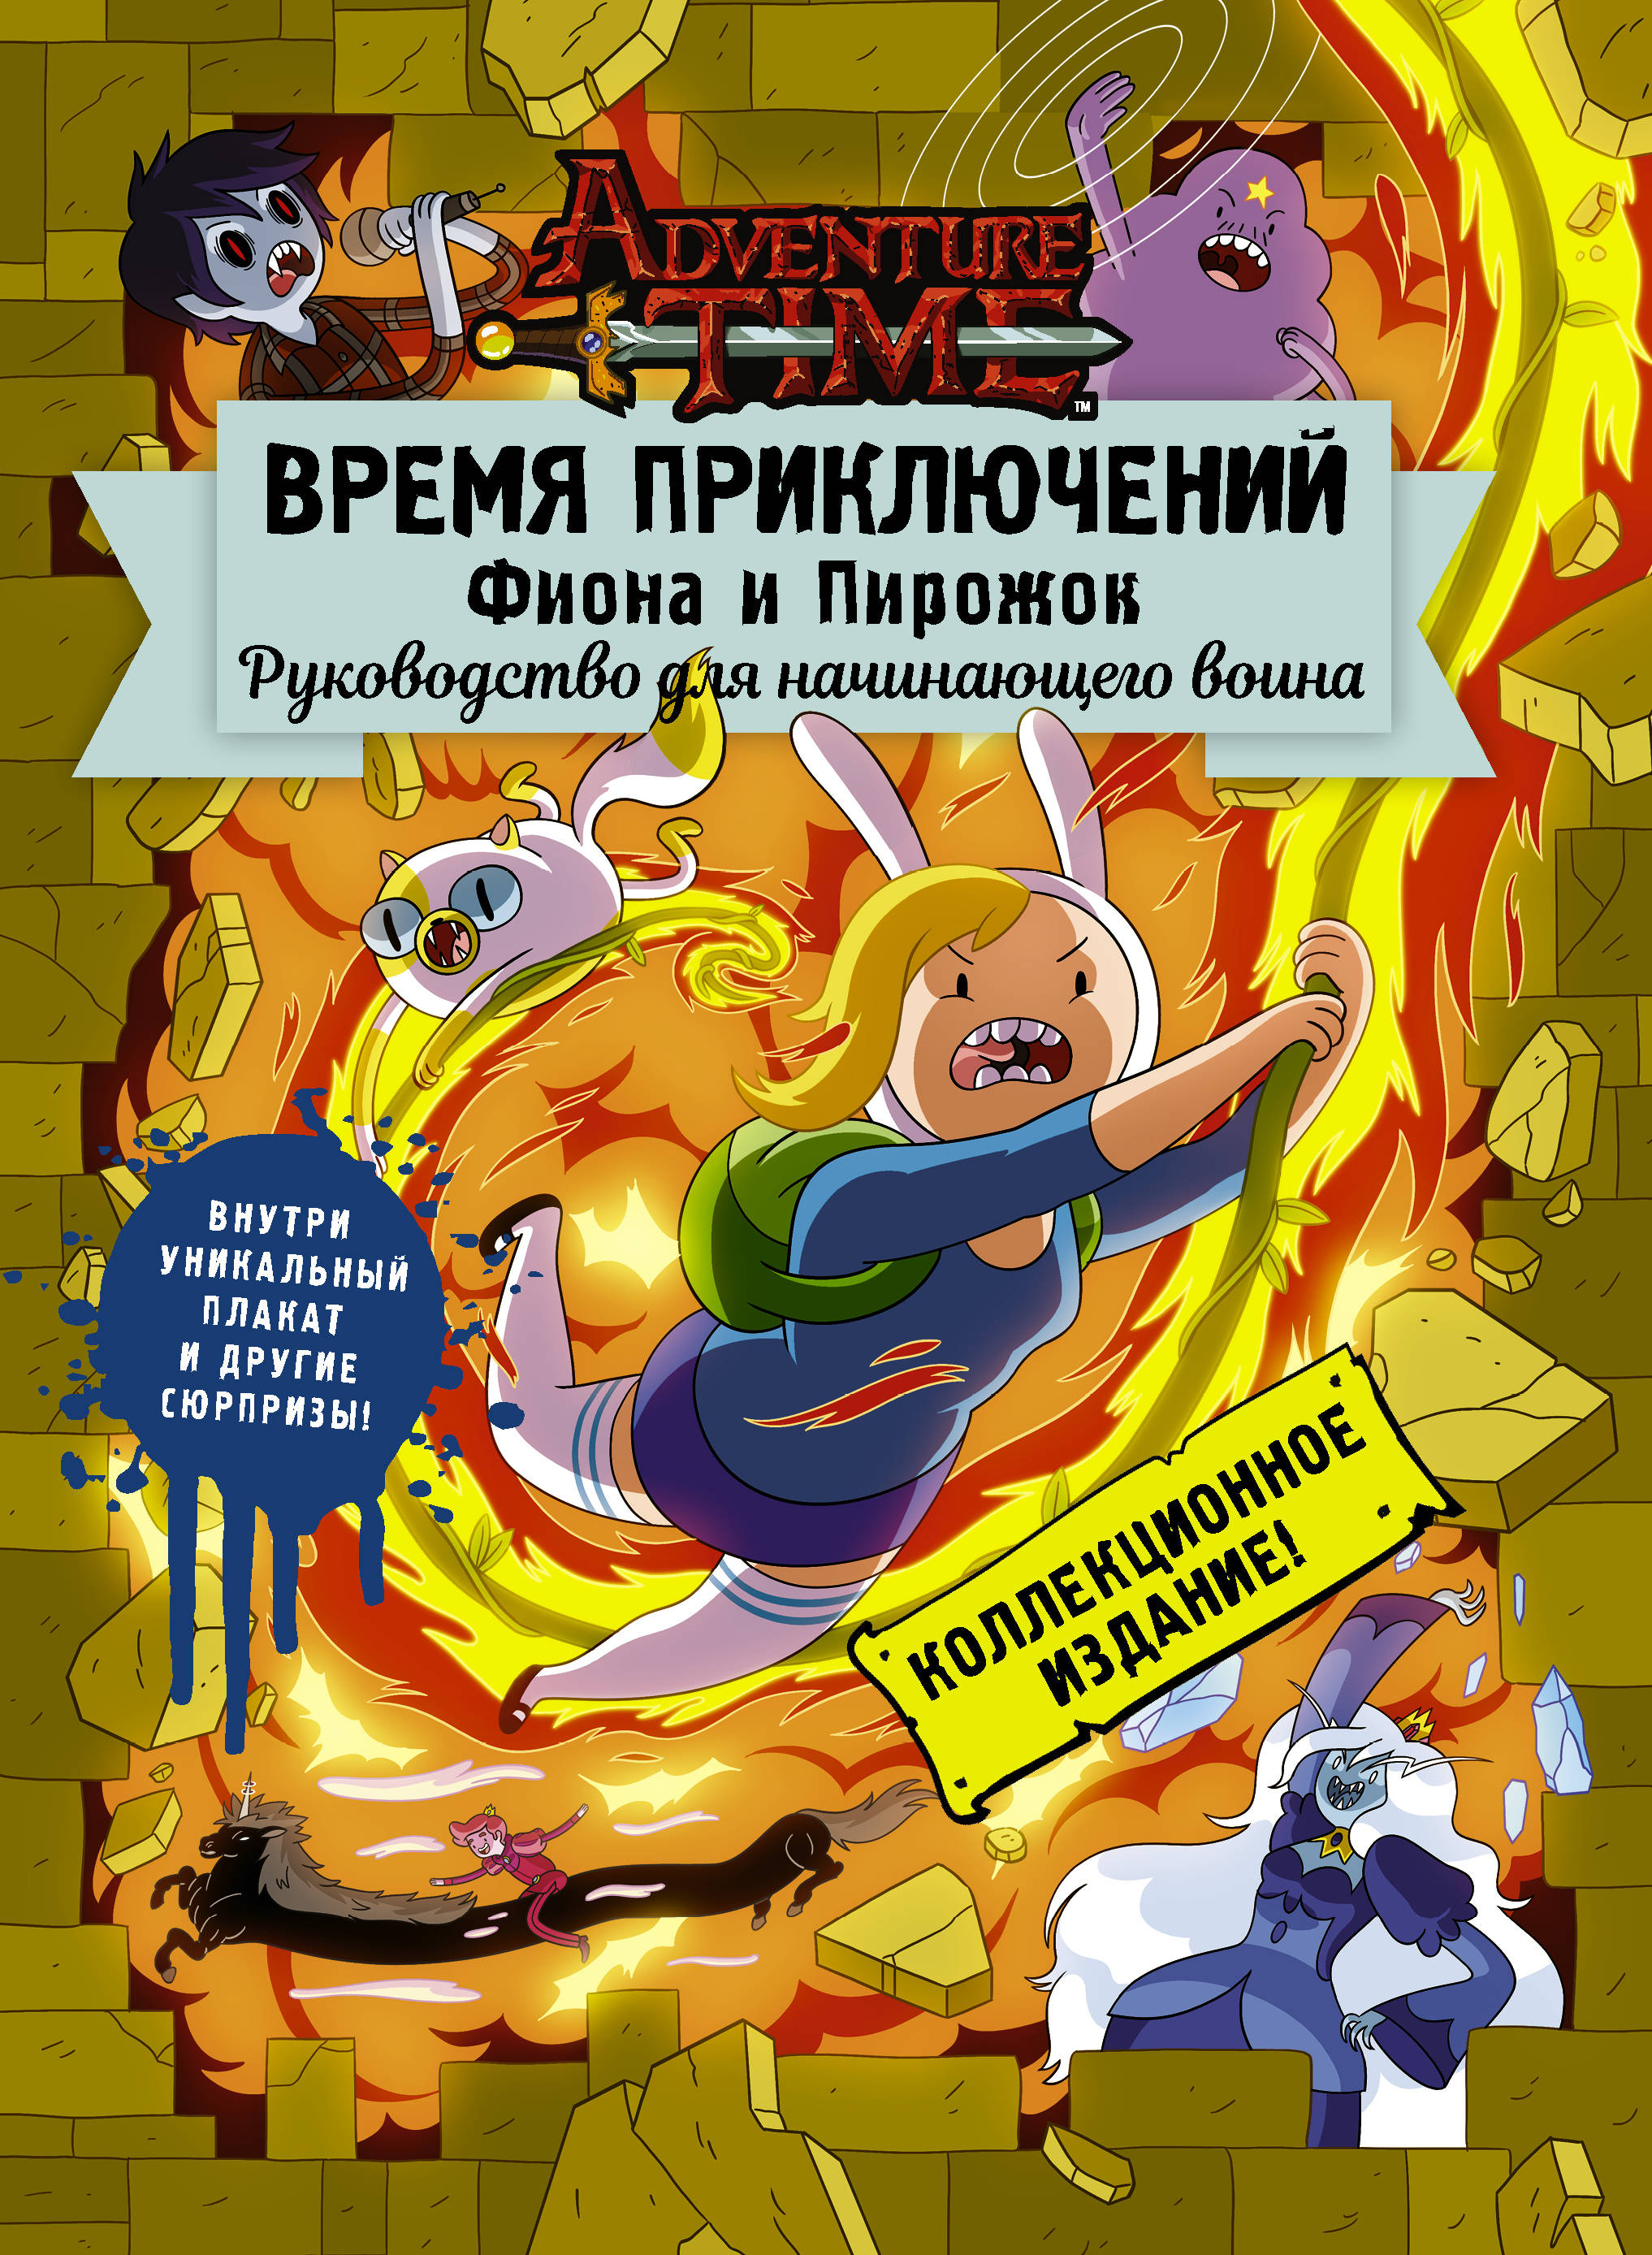 Время приключений. Фиона и Пирожок: Руководство для начинающего воина ( .  )